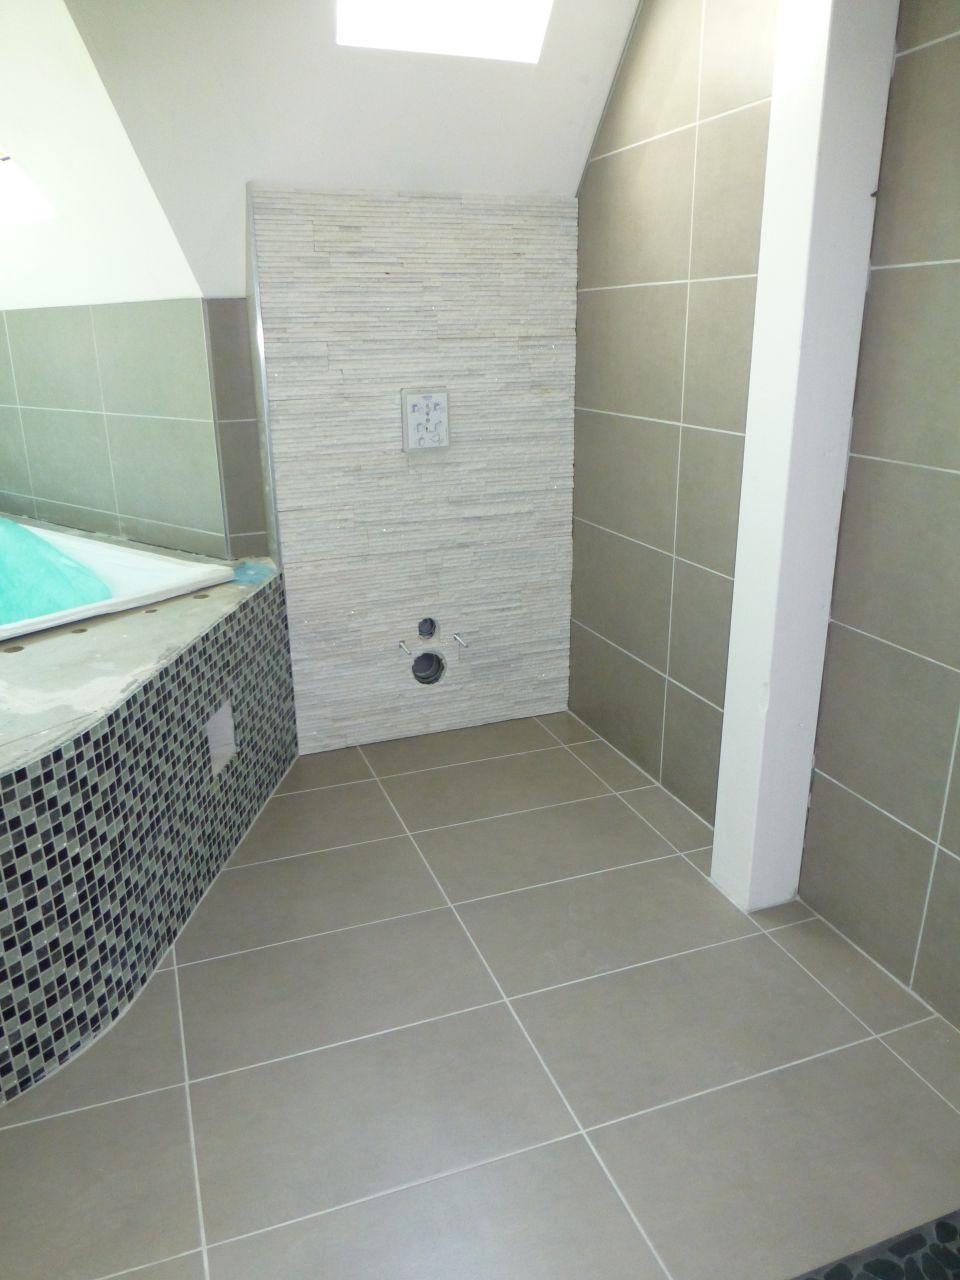 photo salle de bain salle d 39 eau 12m2 sols gris clair niffer haut rhin 68 aout 2013. Black Bedroom Furniture Sets. Home Design Ideas